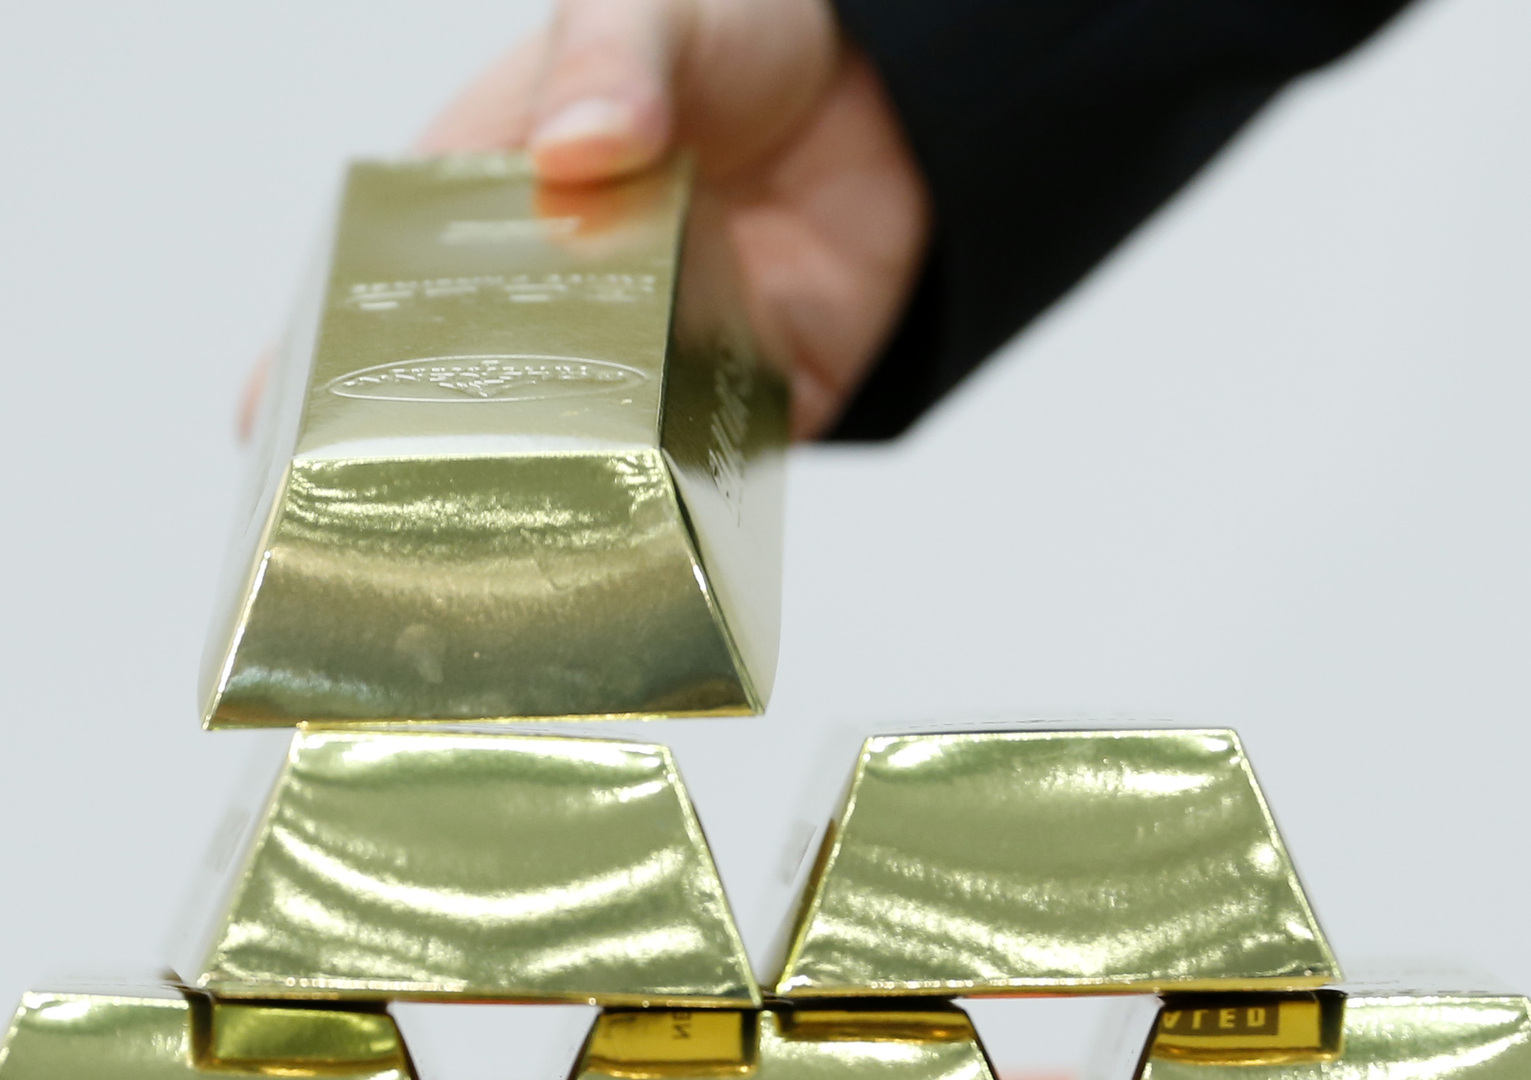 الخارجية الروسية تنفي صحة تقارير حول نقل فنزويلا للذهب على متن طائرات روسية إلى مالي